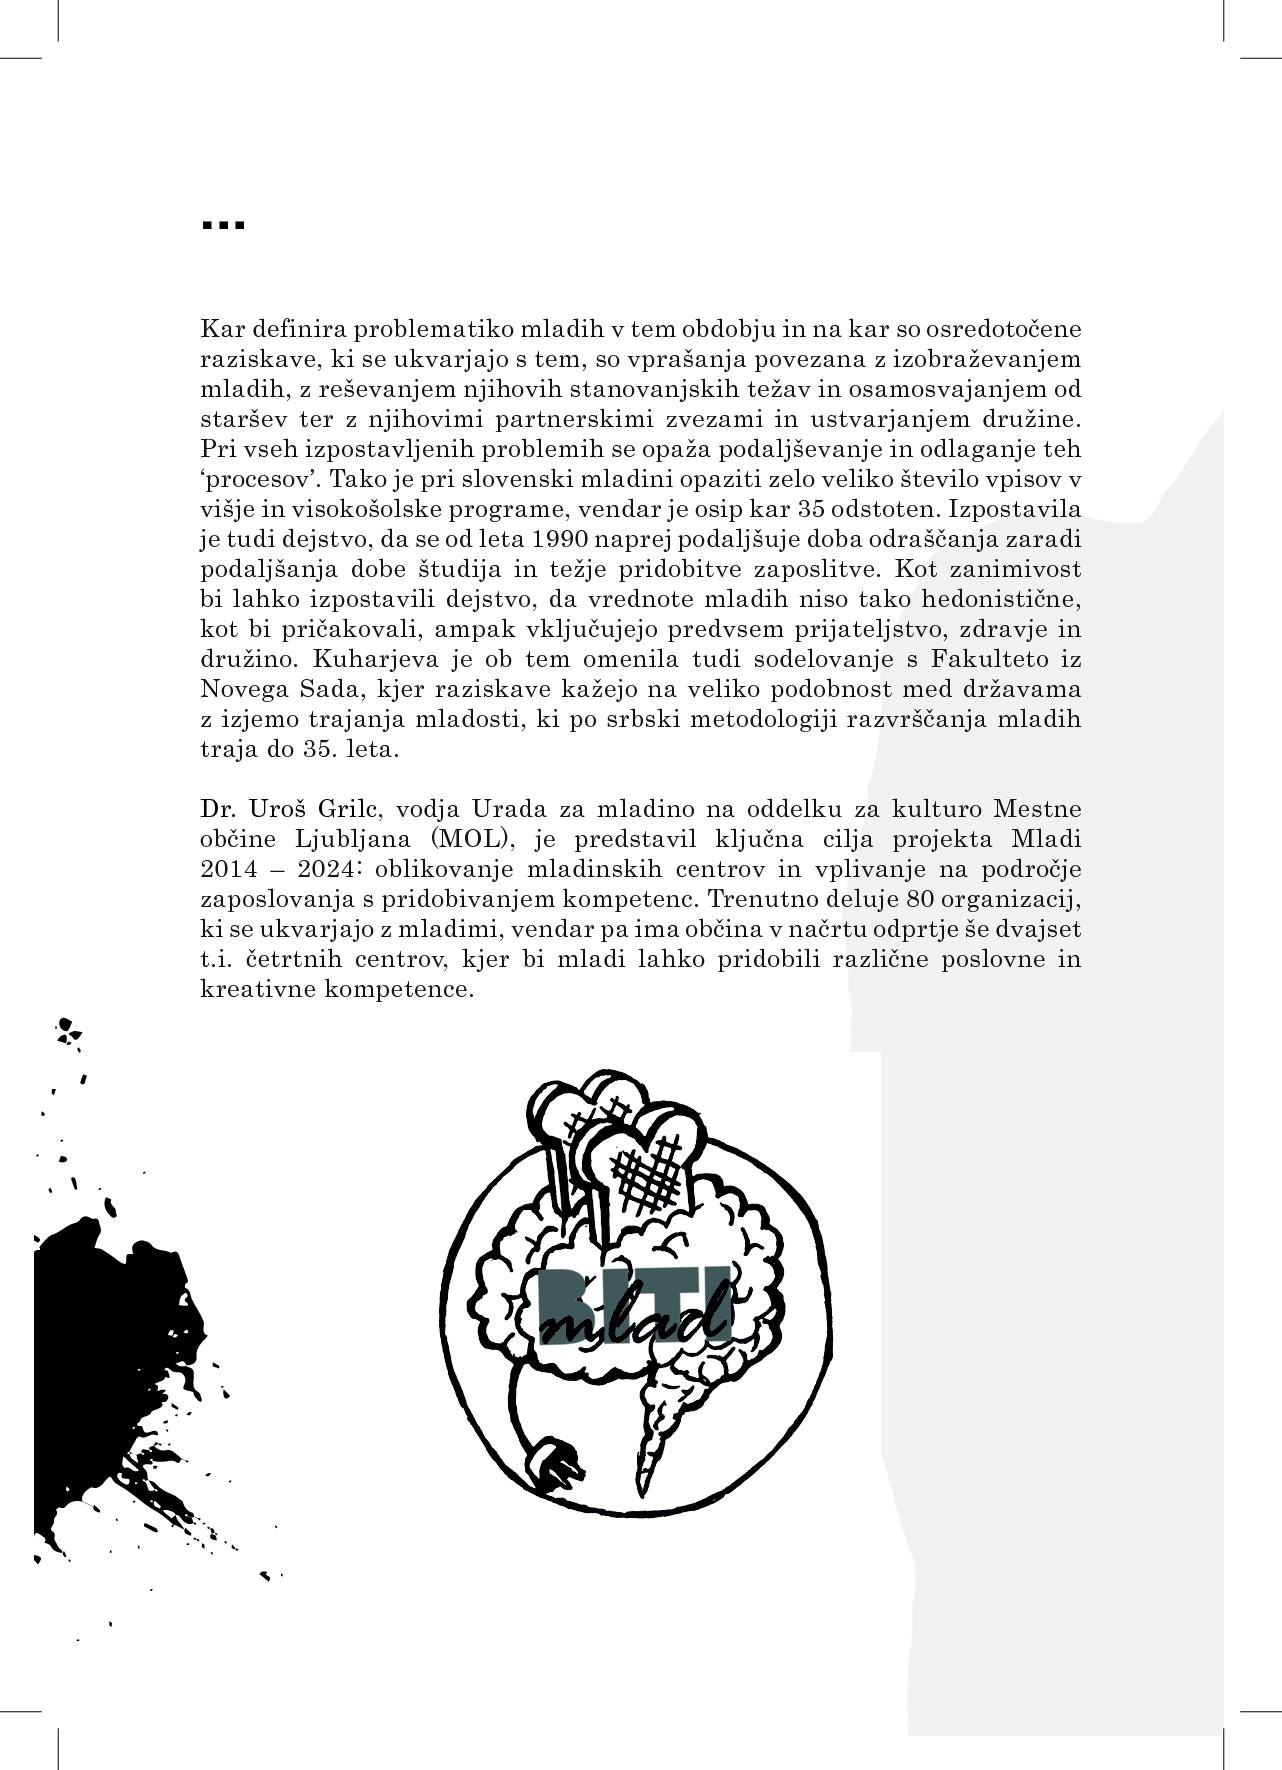 knjizica_biti_mlad-016-016.jpg